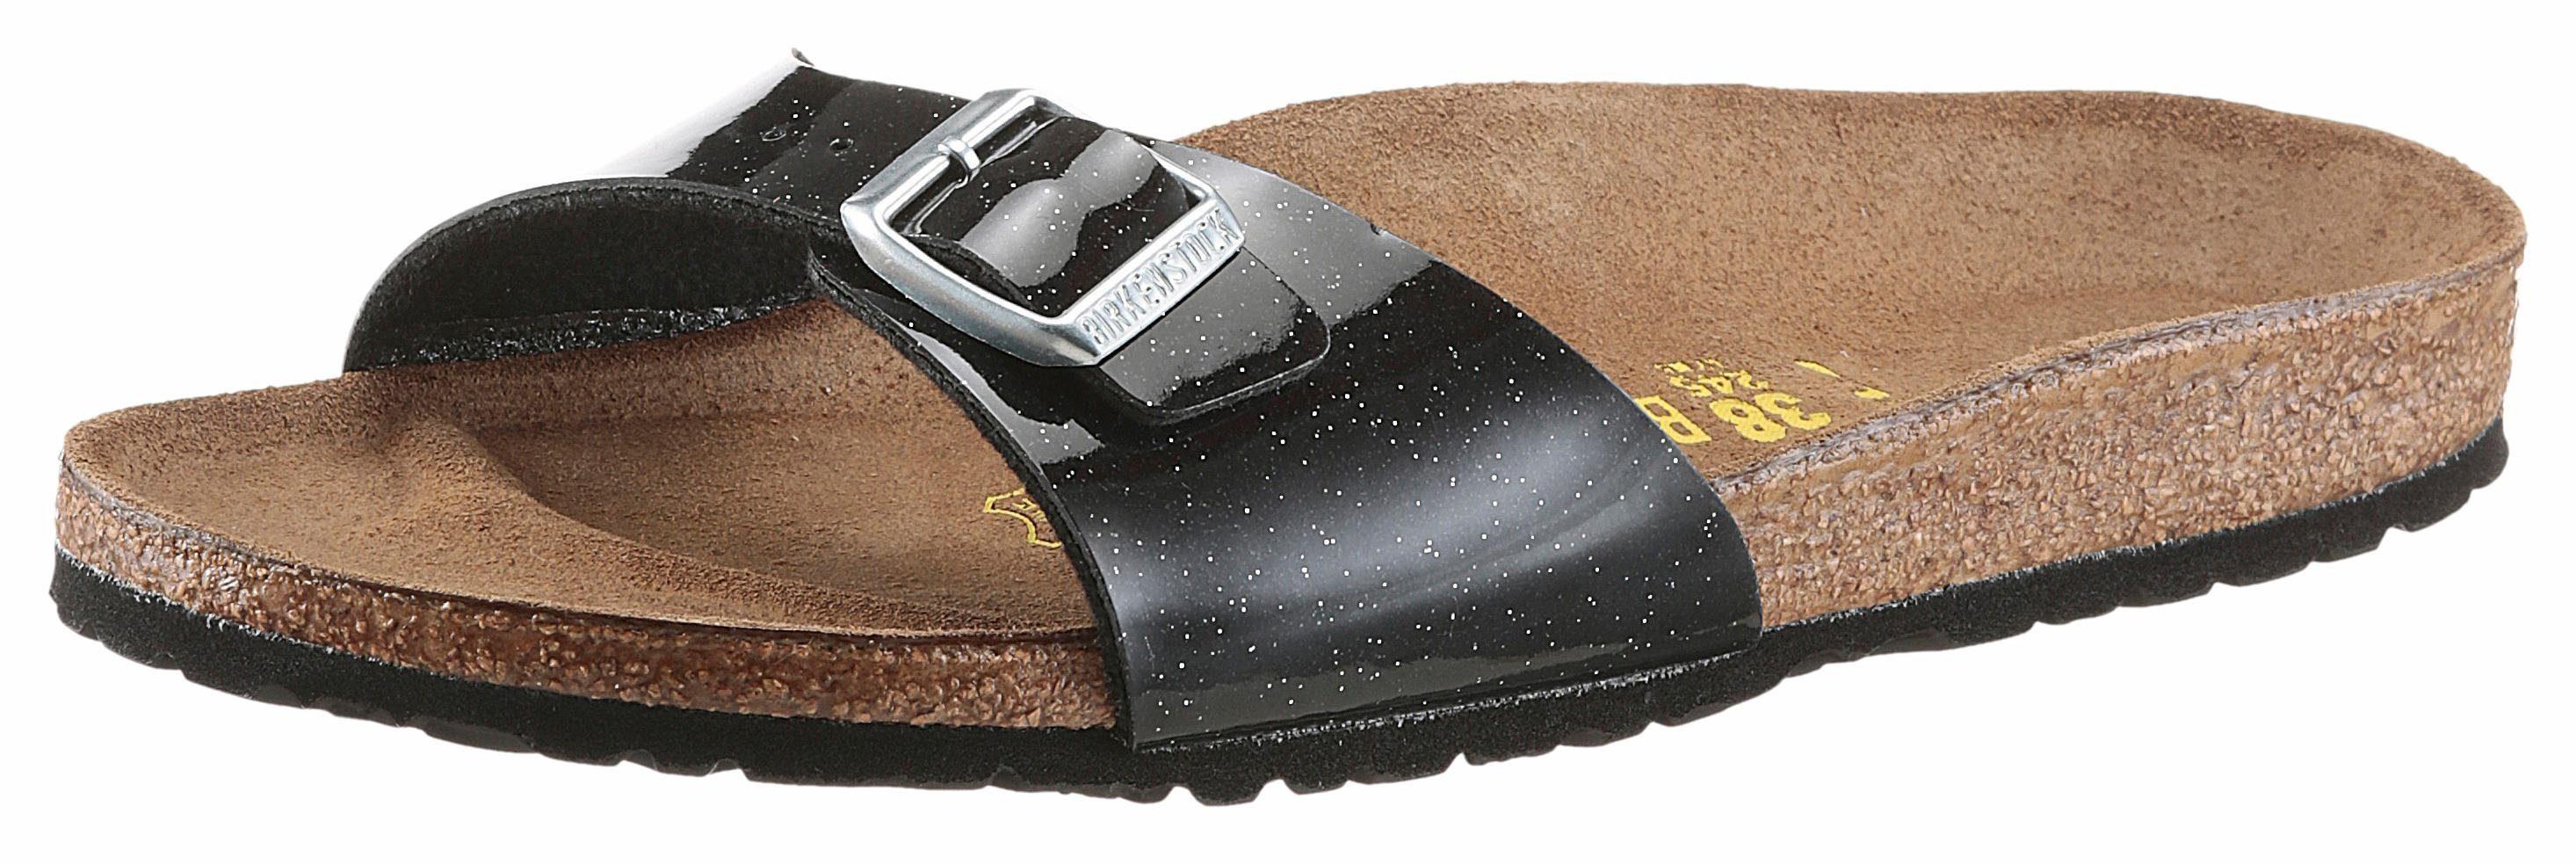 Birkenstock MADRID MAGIC GALAXY Pantolette, mit ergonomisch geformtem schwarz Fußbett online kaufen  schwarz geformtem 01e7f7